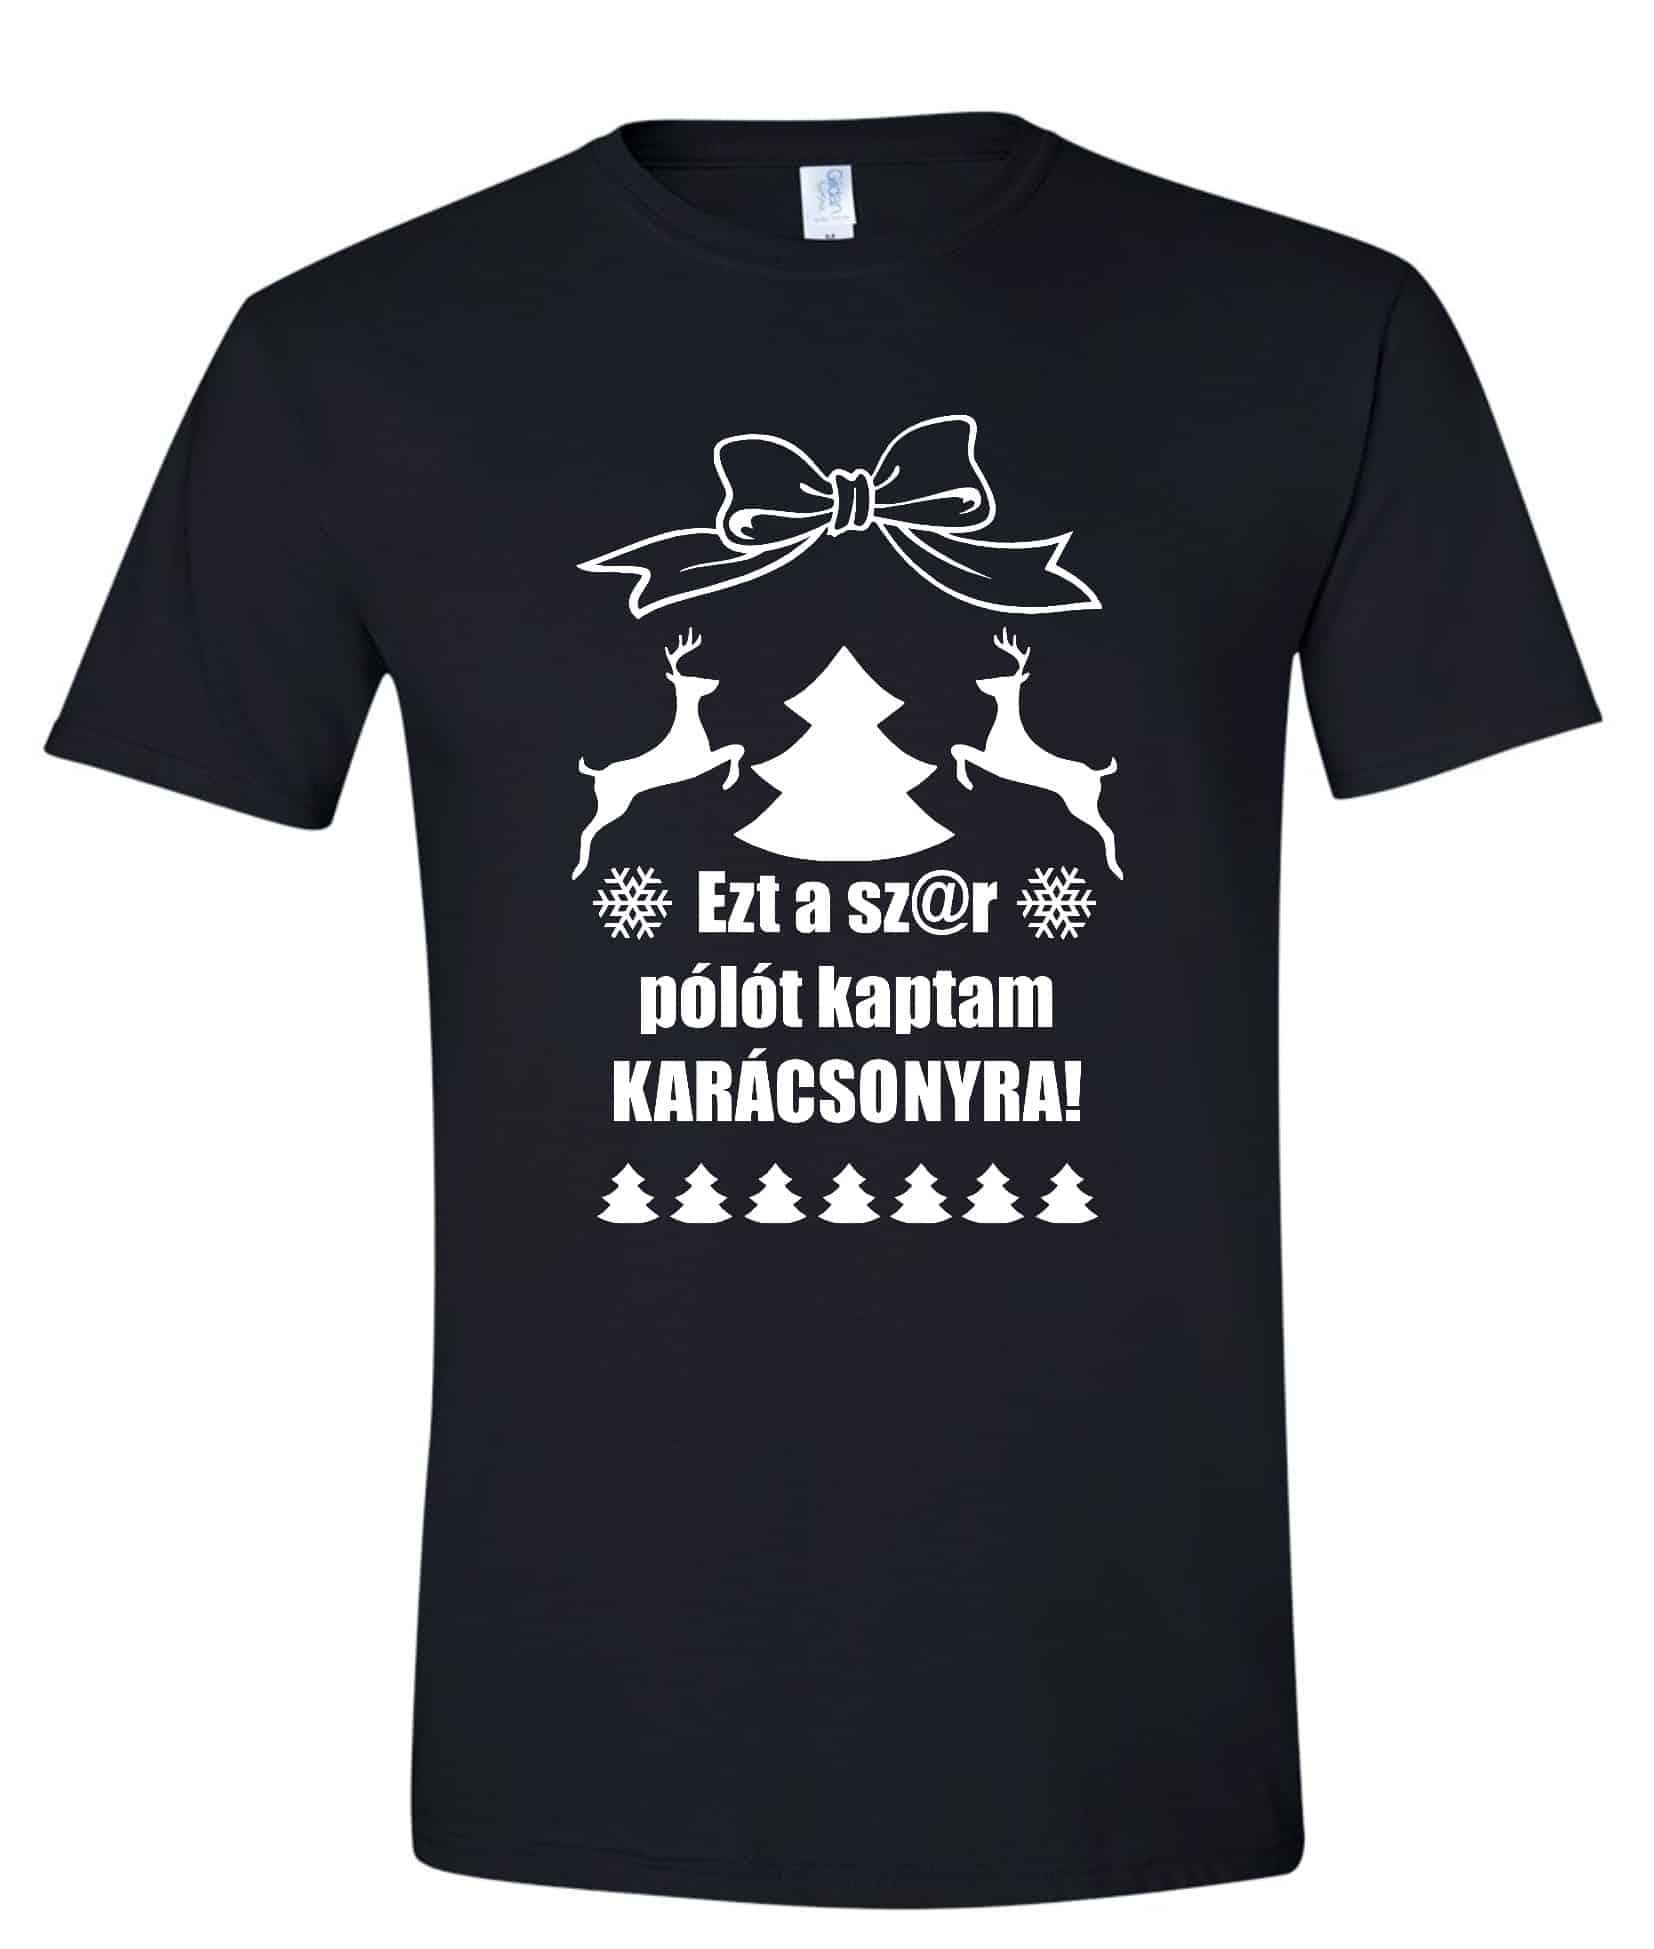 Ezt a szar pólót kaptam karácsonyra  83d01540fb